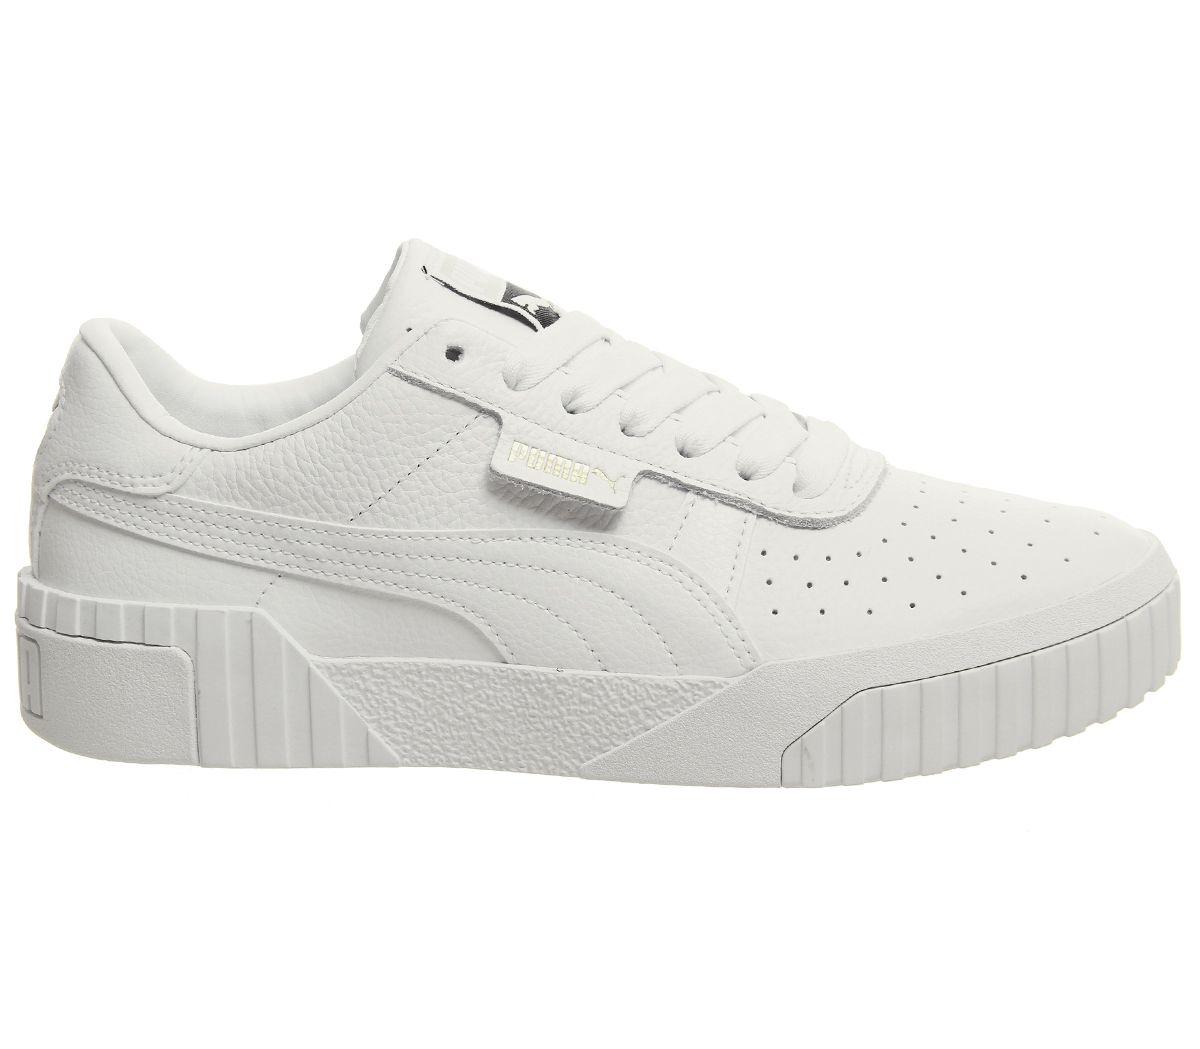 Puma Cali Women's Sneakers Puma WhitePuma White